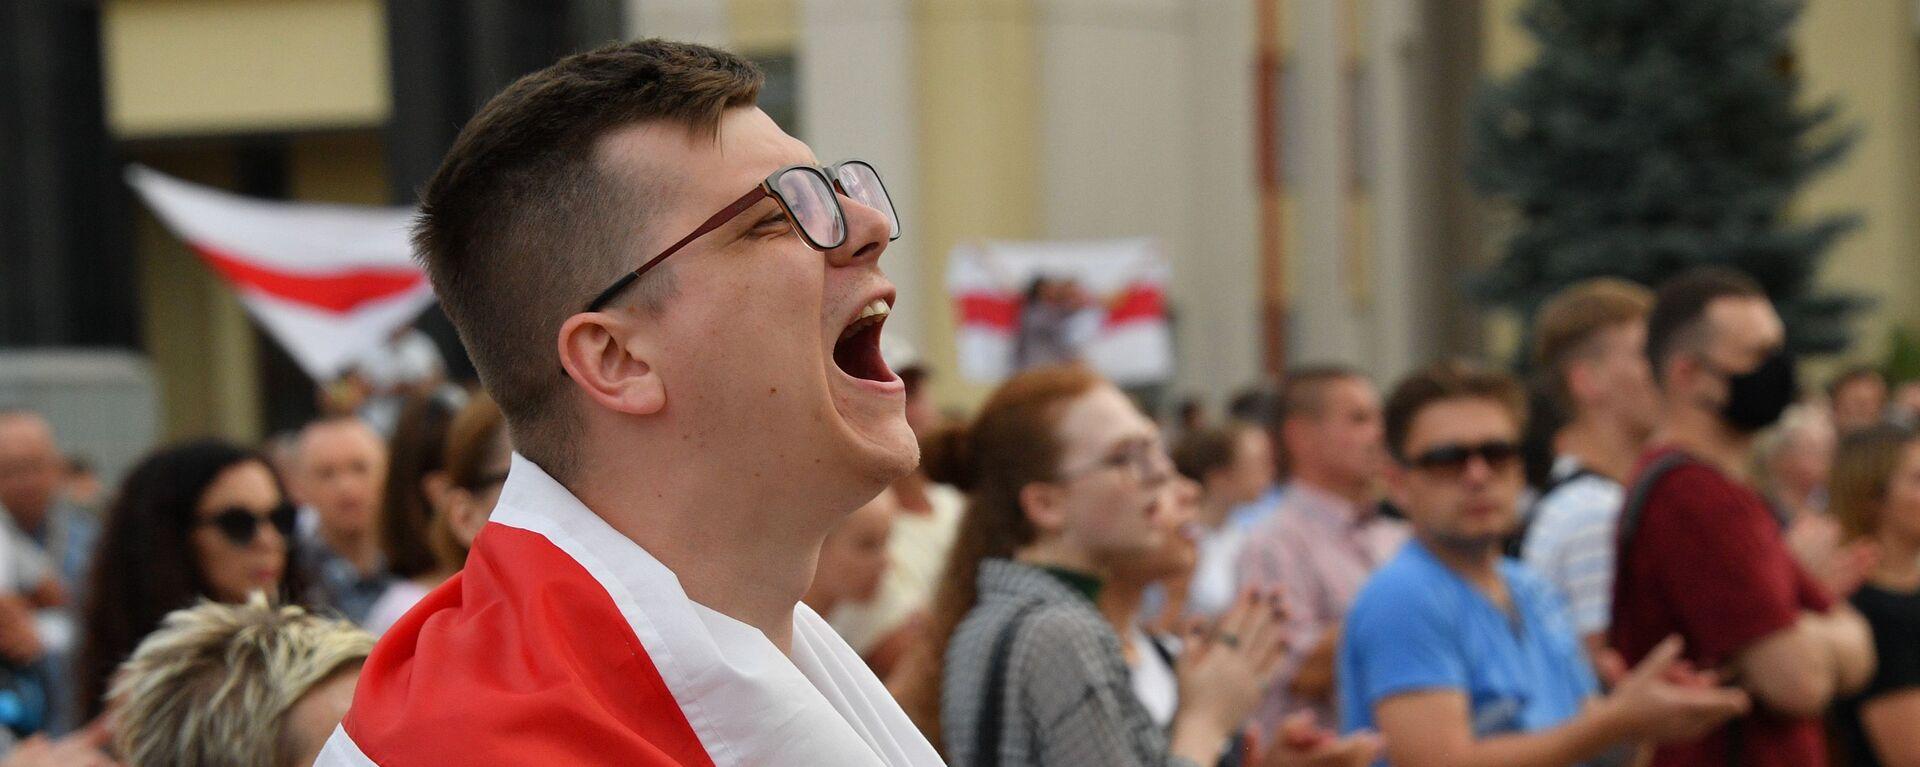 Protesty na Białorusi - Sputnik Polska, 1920, 05.06.2021